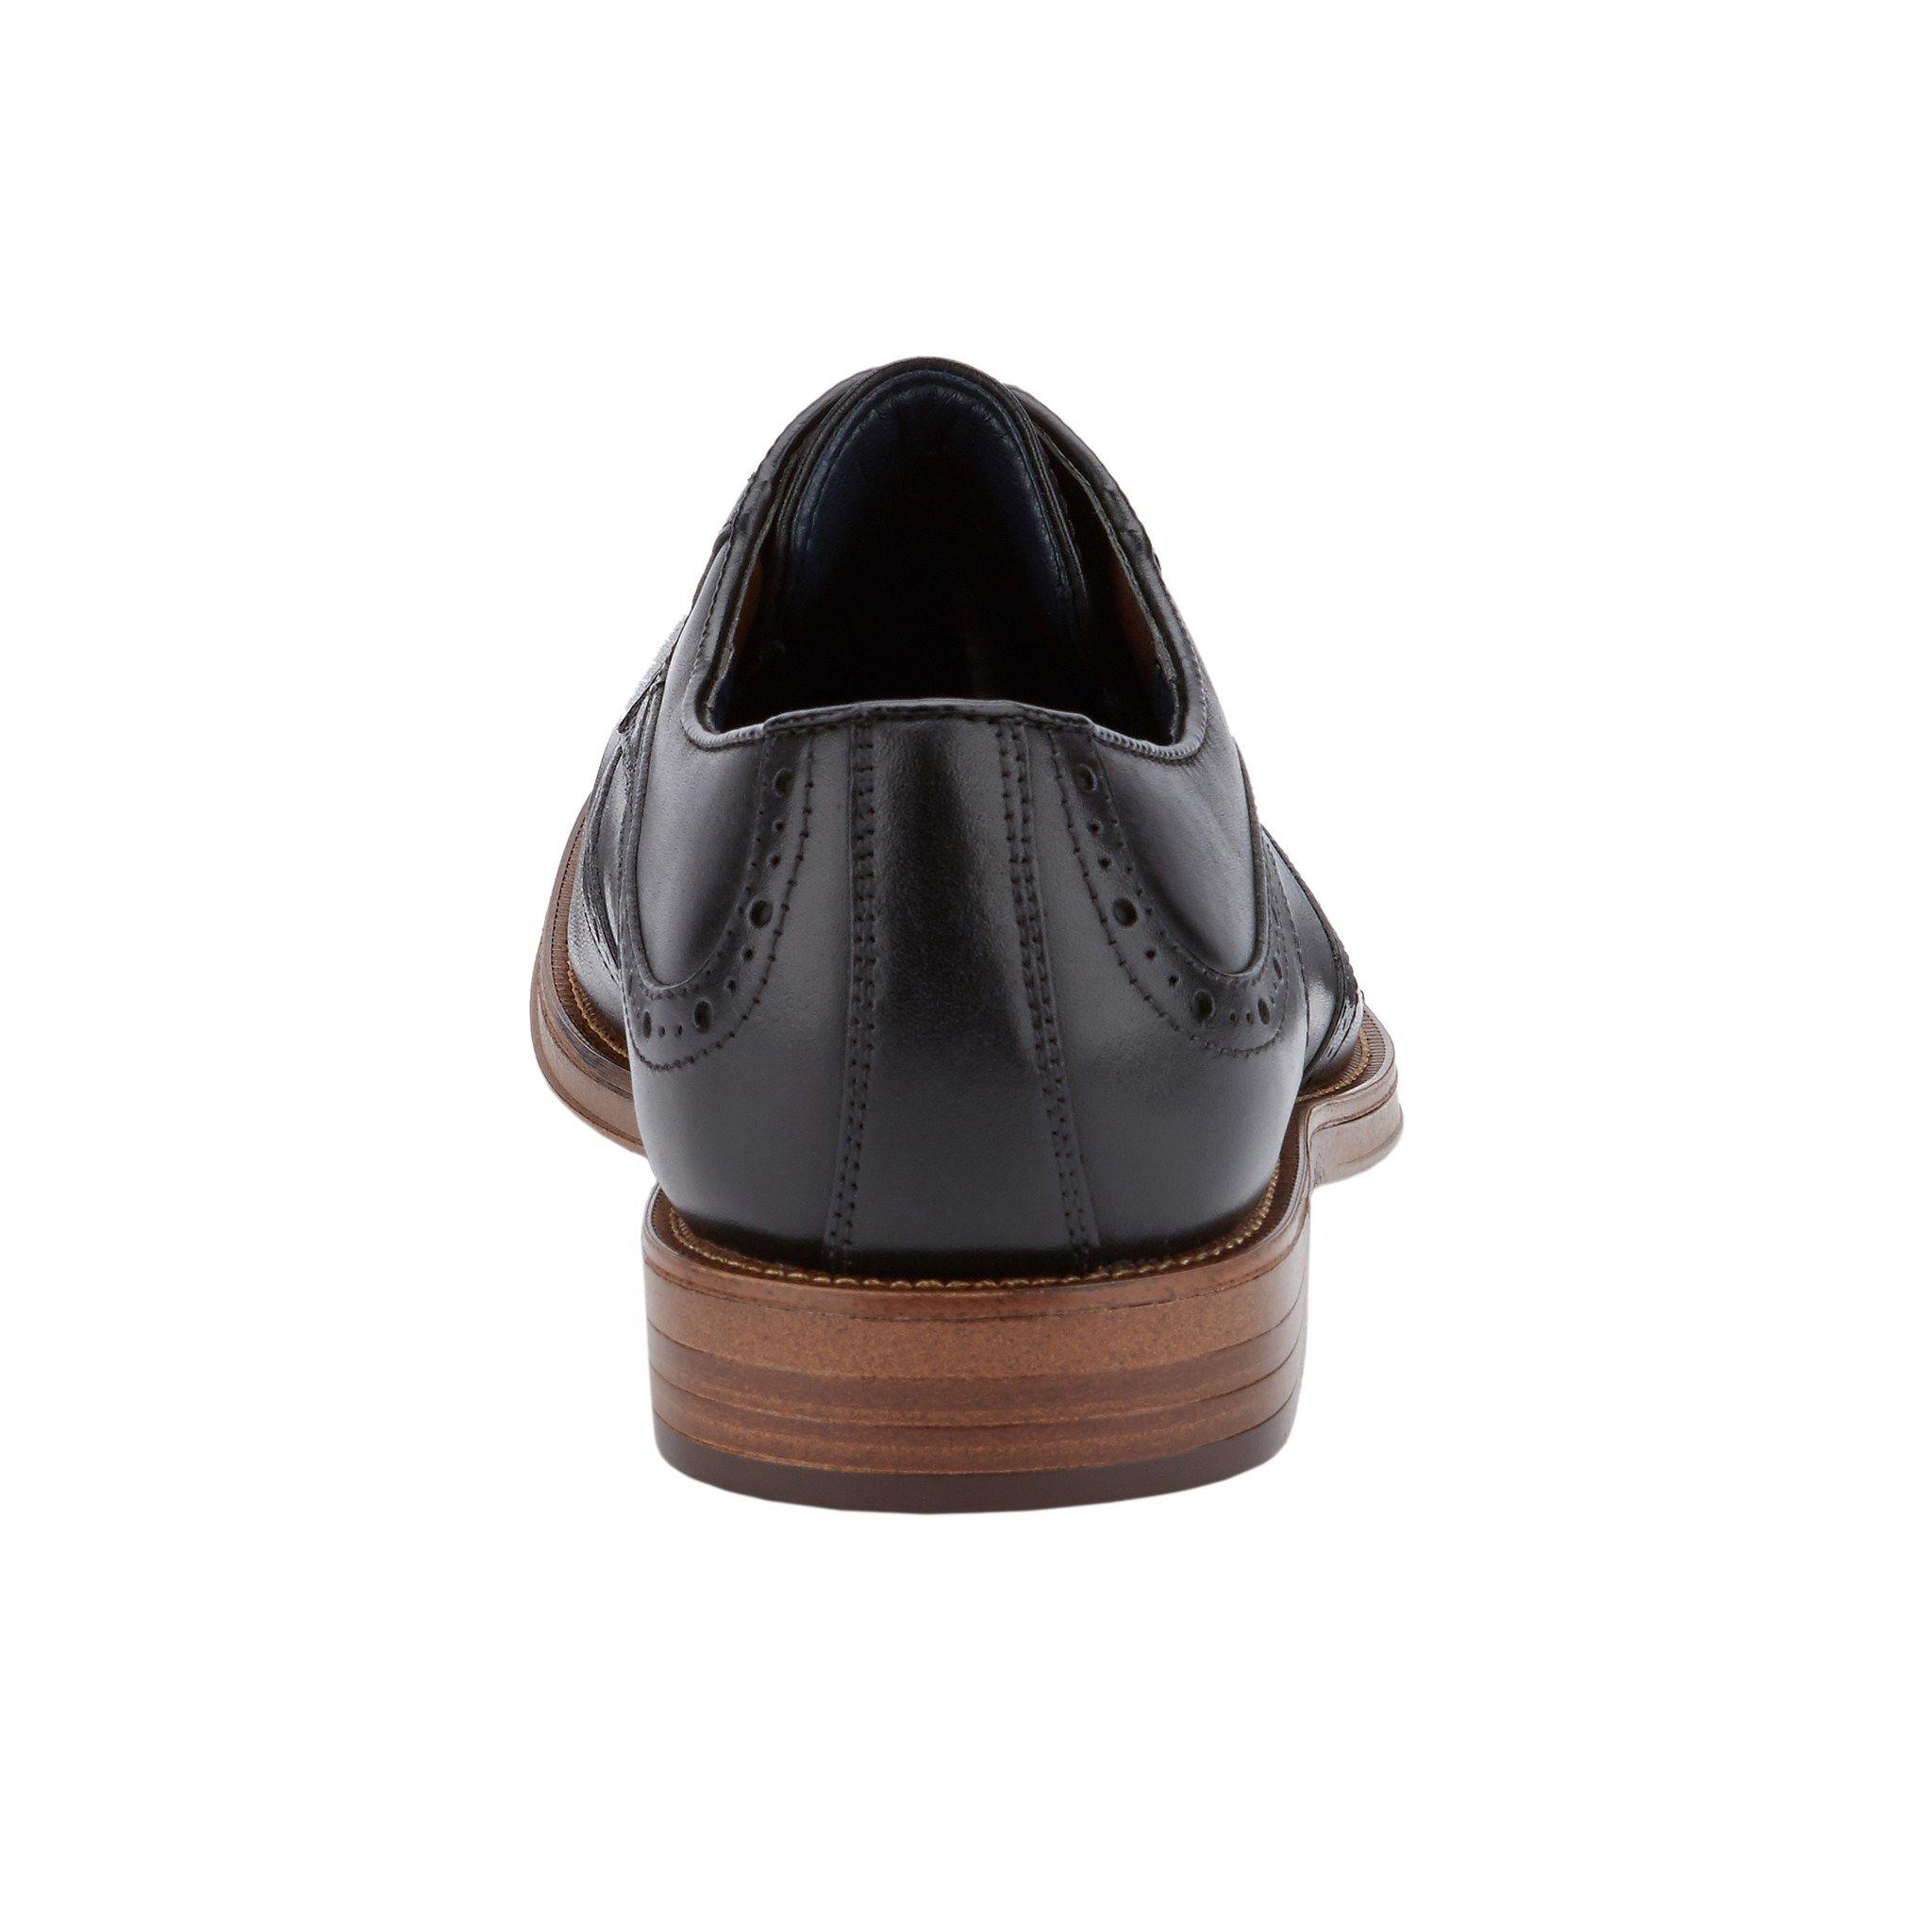 Dockers Hanover Men's Wingtip Shoes Hanover, Dockers,